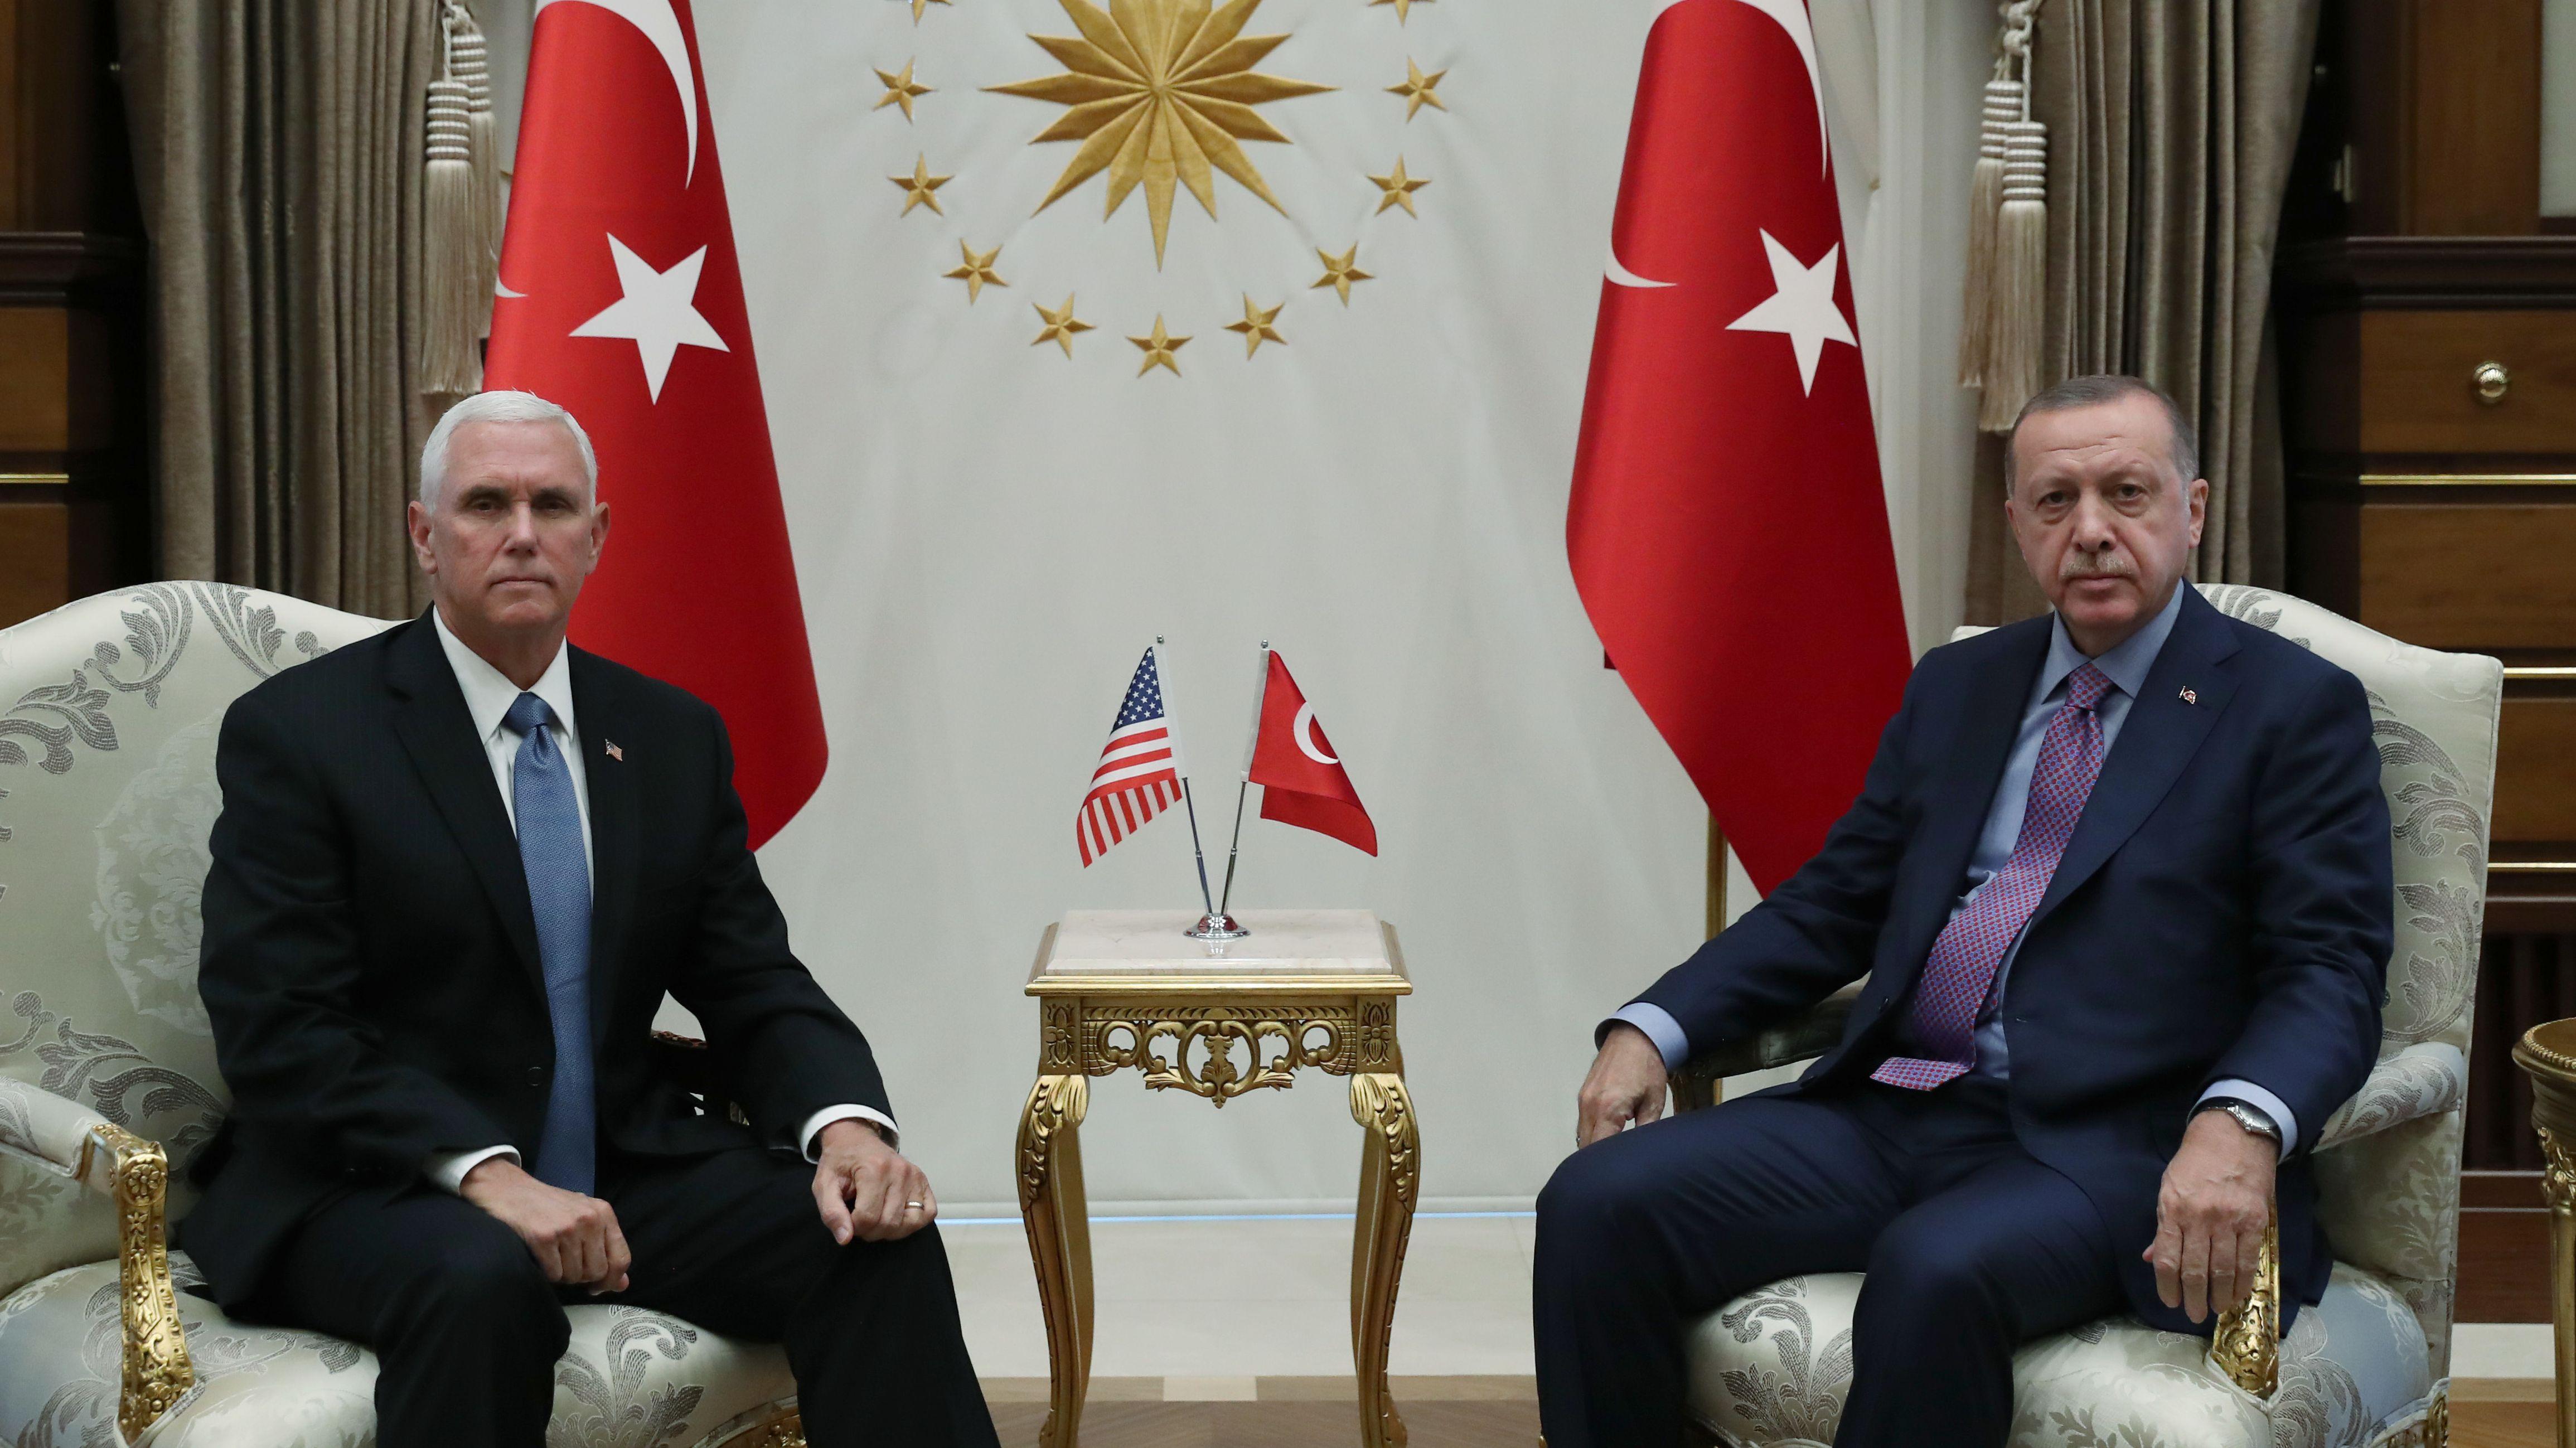 US-Vize-Präsident Mike Pence (L) und der türkische Staatspräsident Recep Tayyip Erdogan